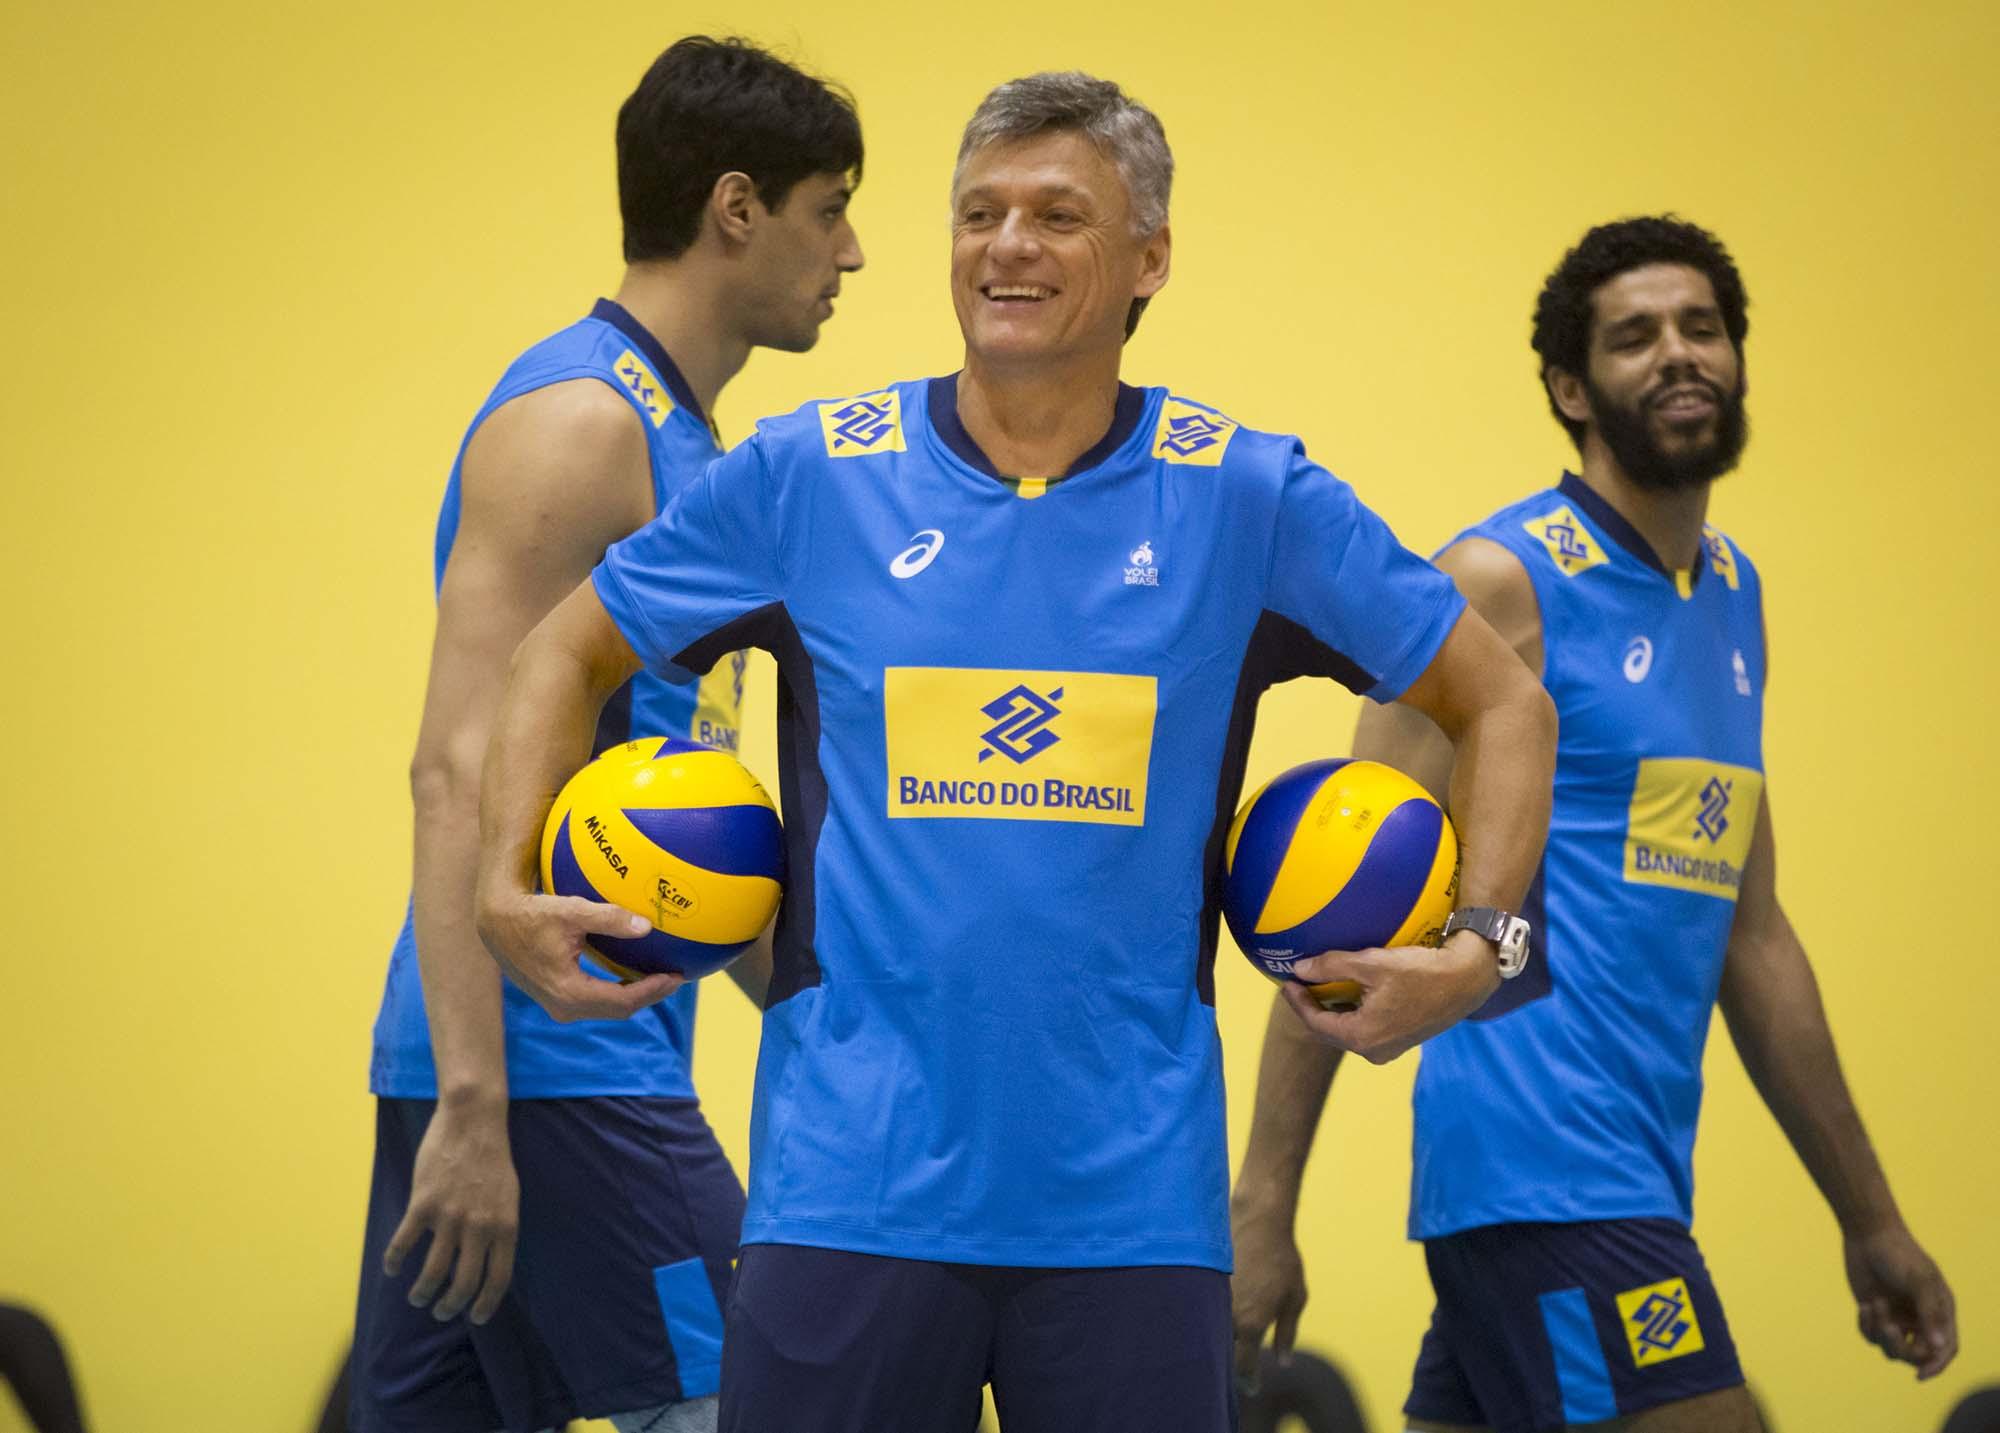 bde4ae549b Liga Mundial de Vôlei 2017 - Confederação Brasileira de Vôlei